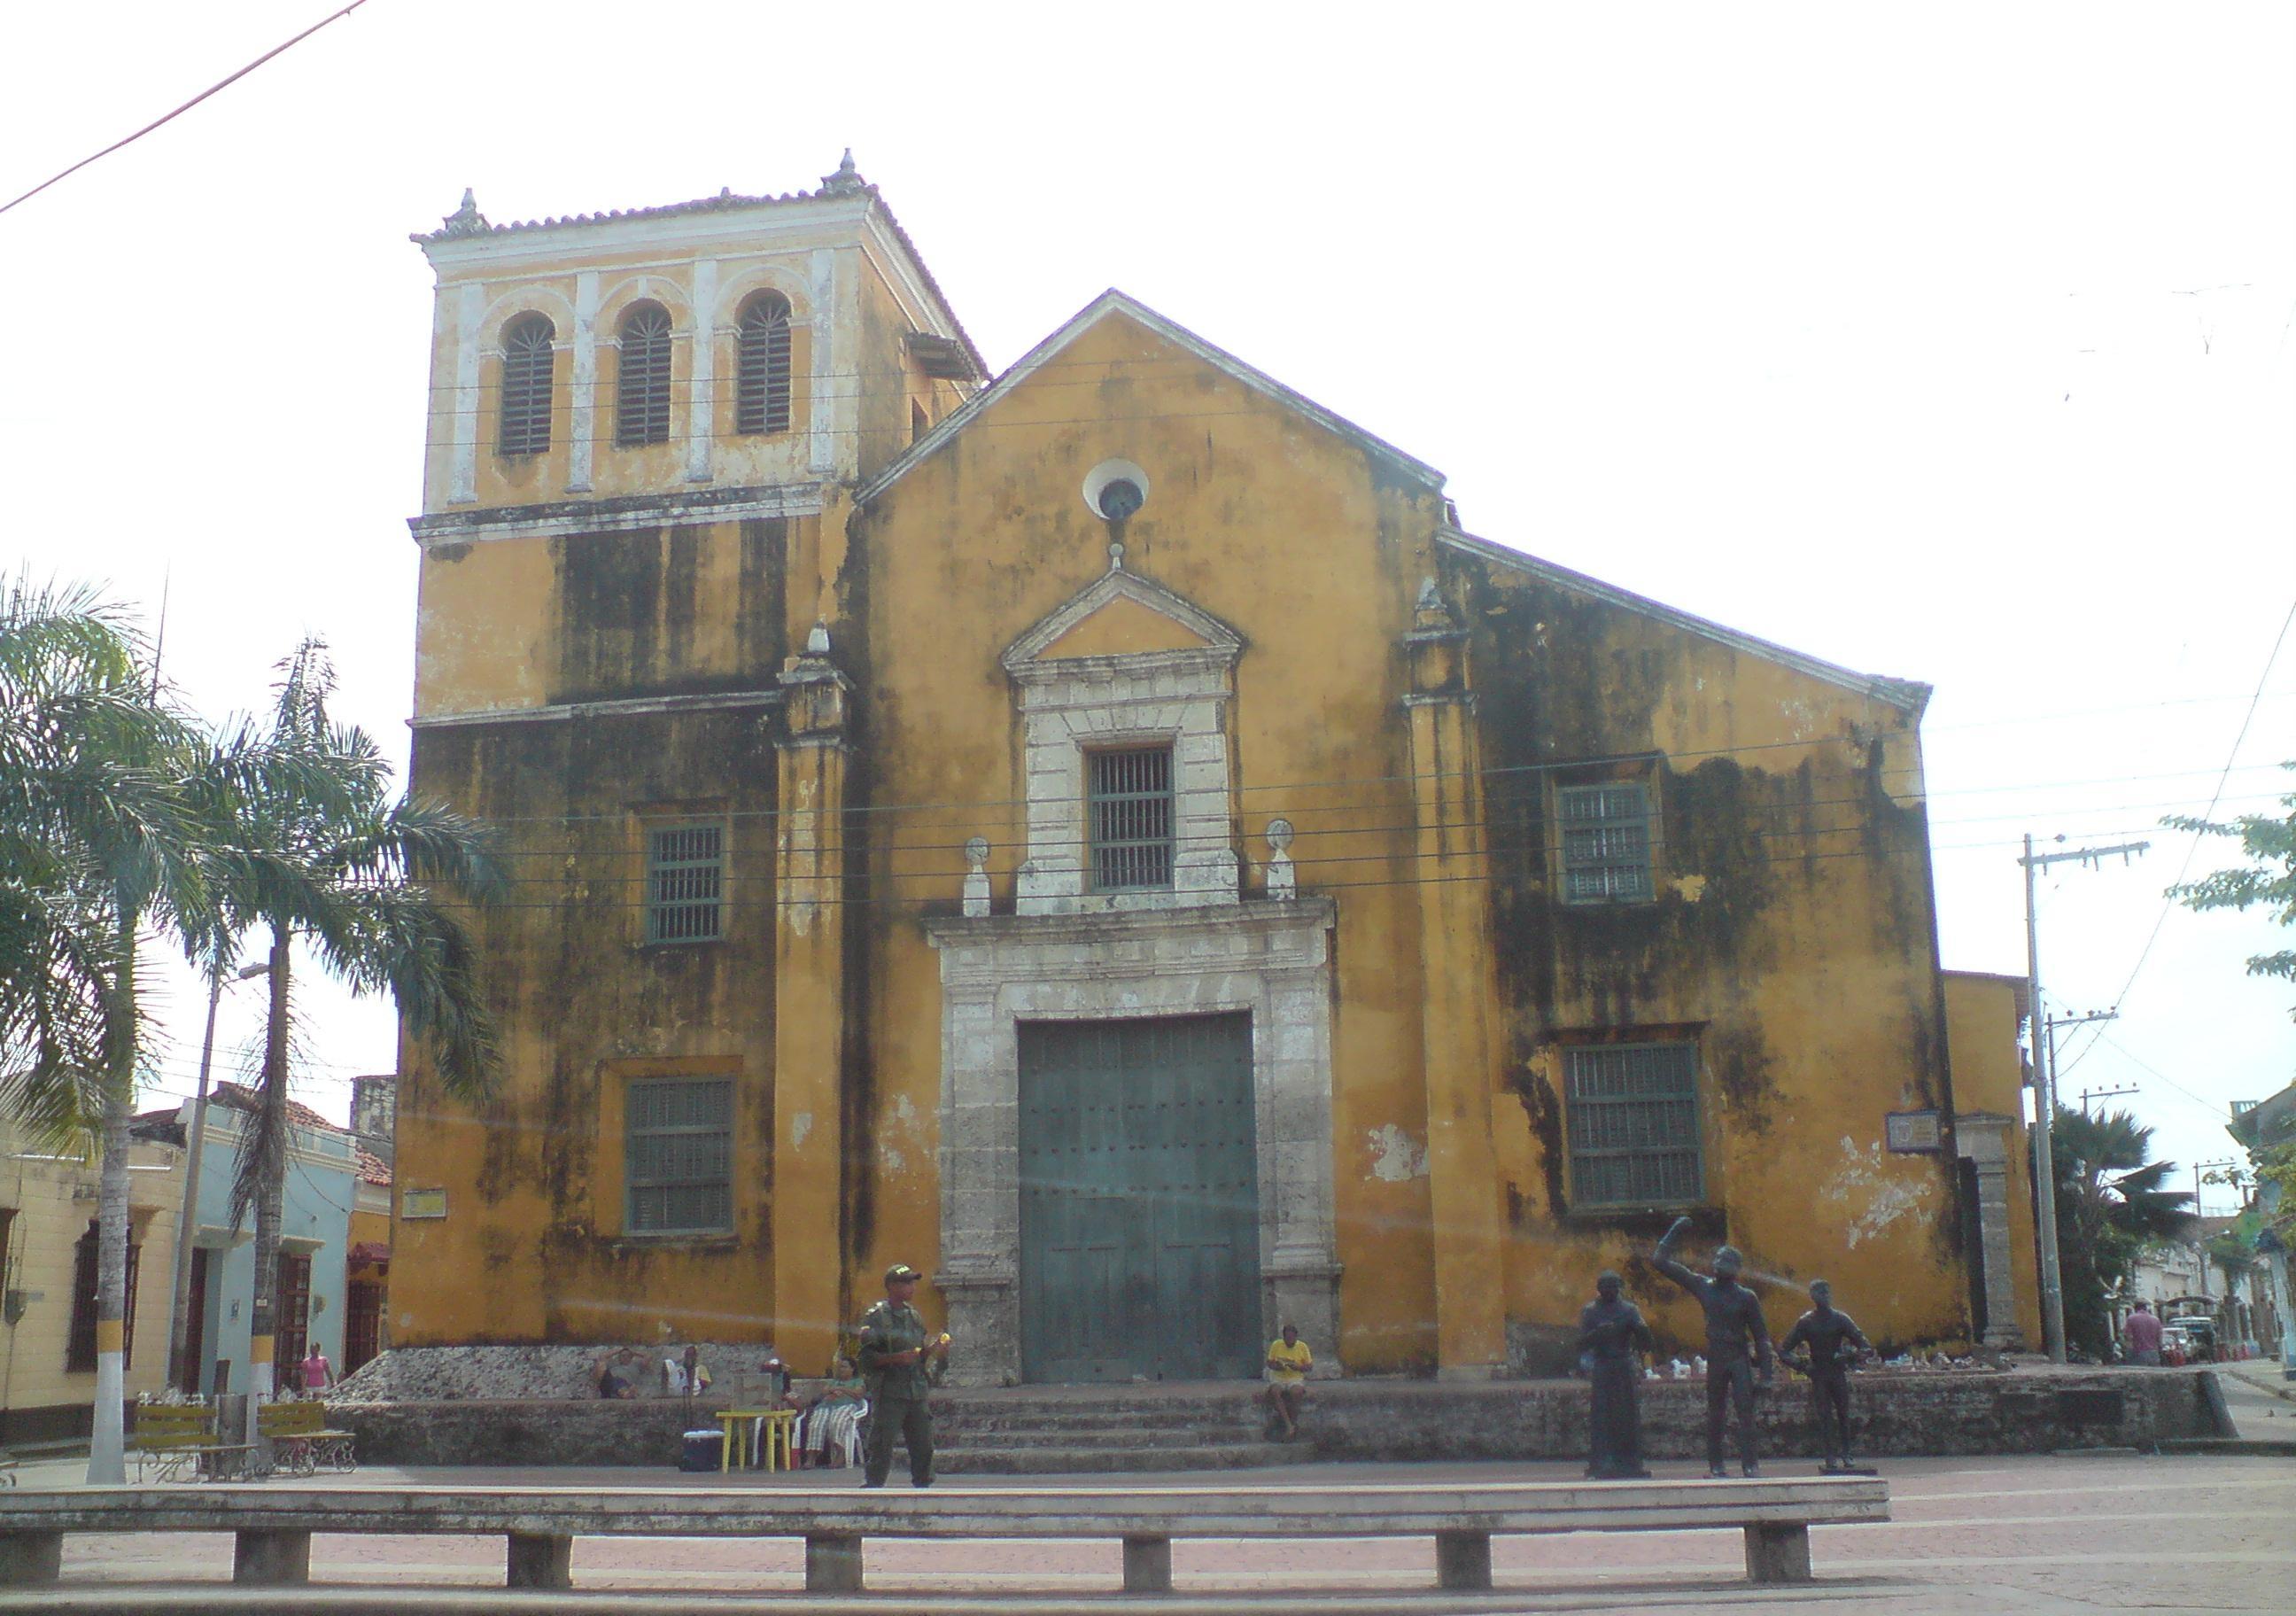 Bienes Inmuebles Y Muebles Arte Colonial P Gina 4 # Muebles Cartagena Colombia